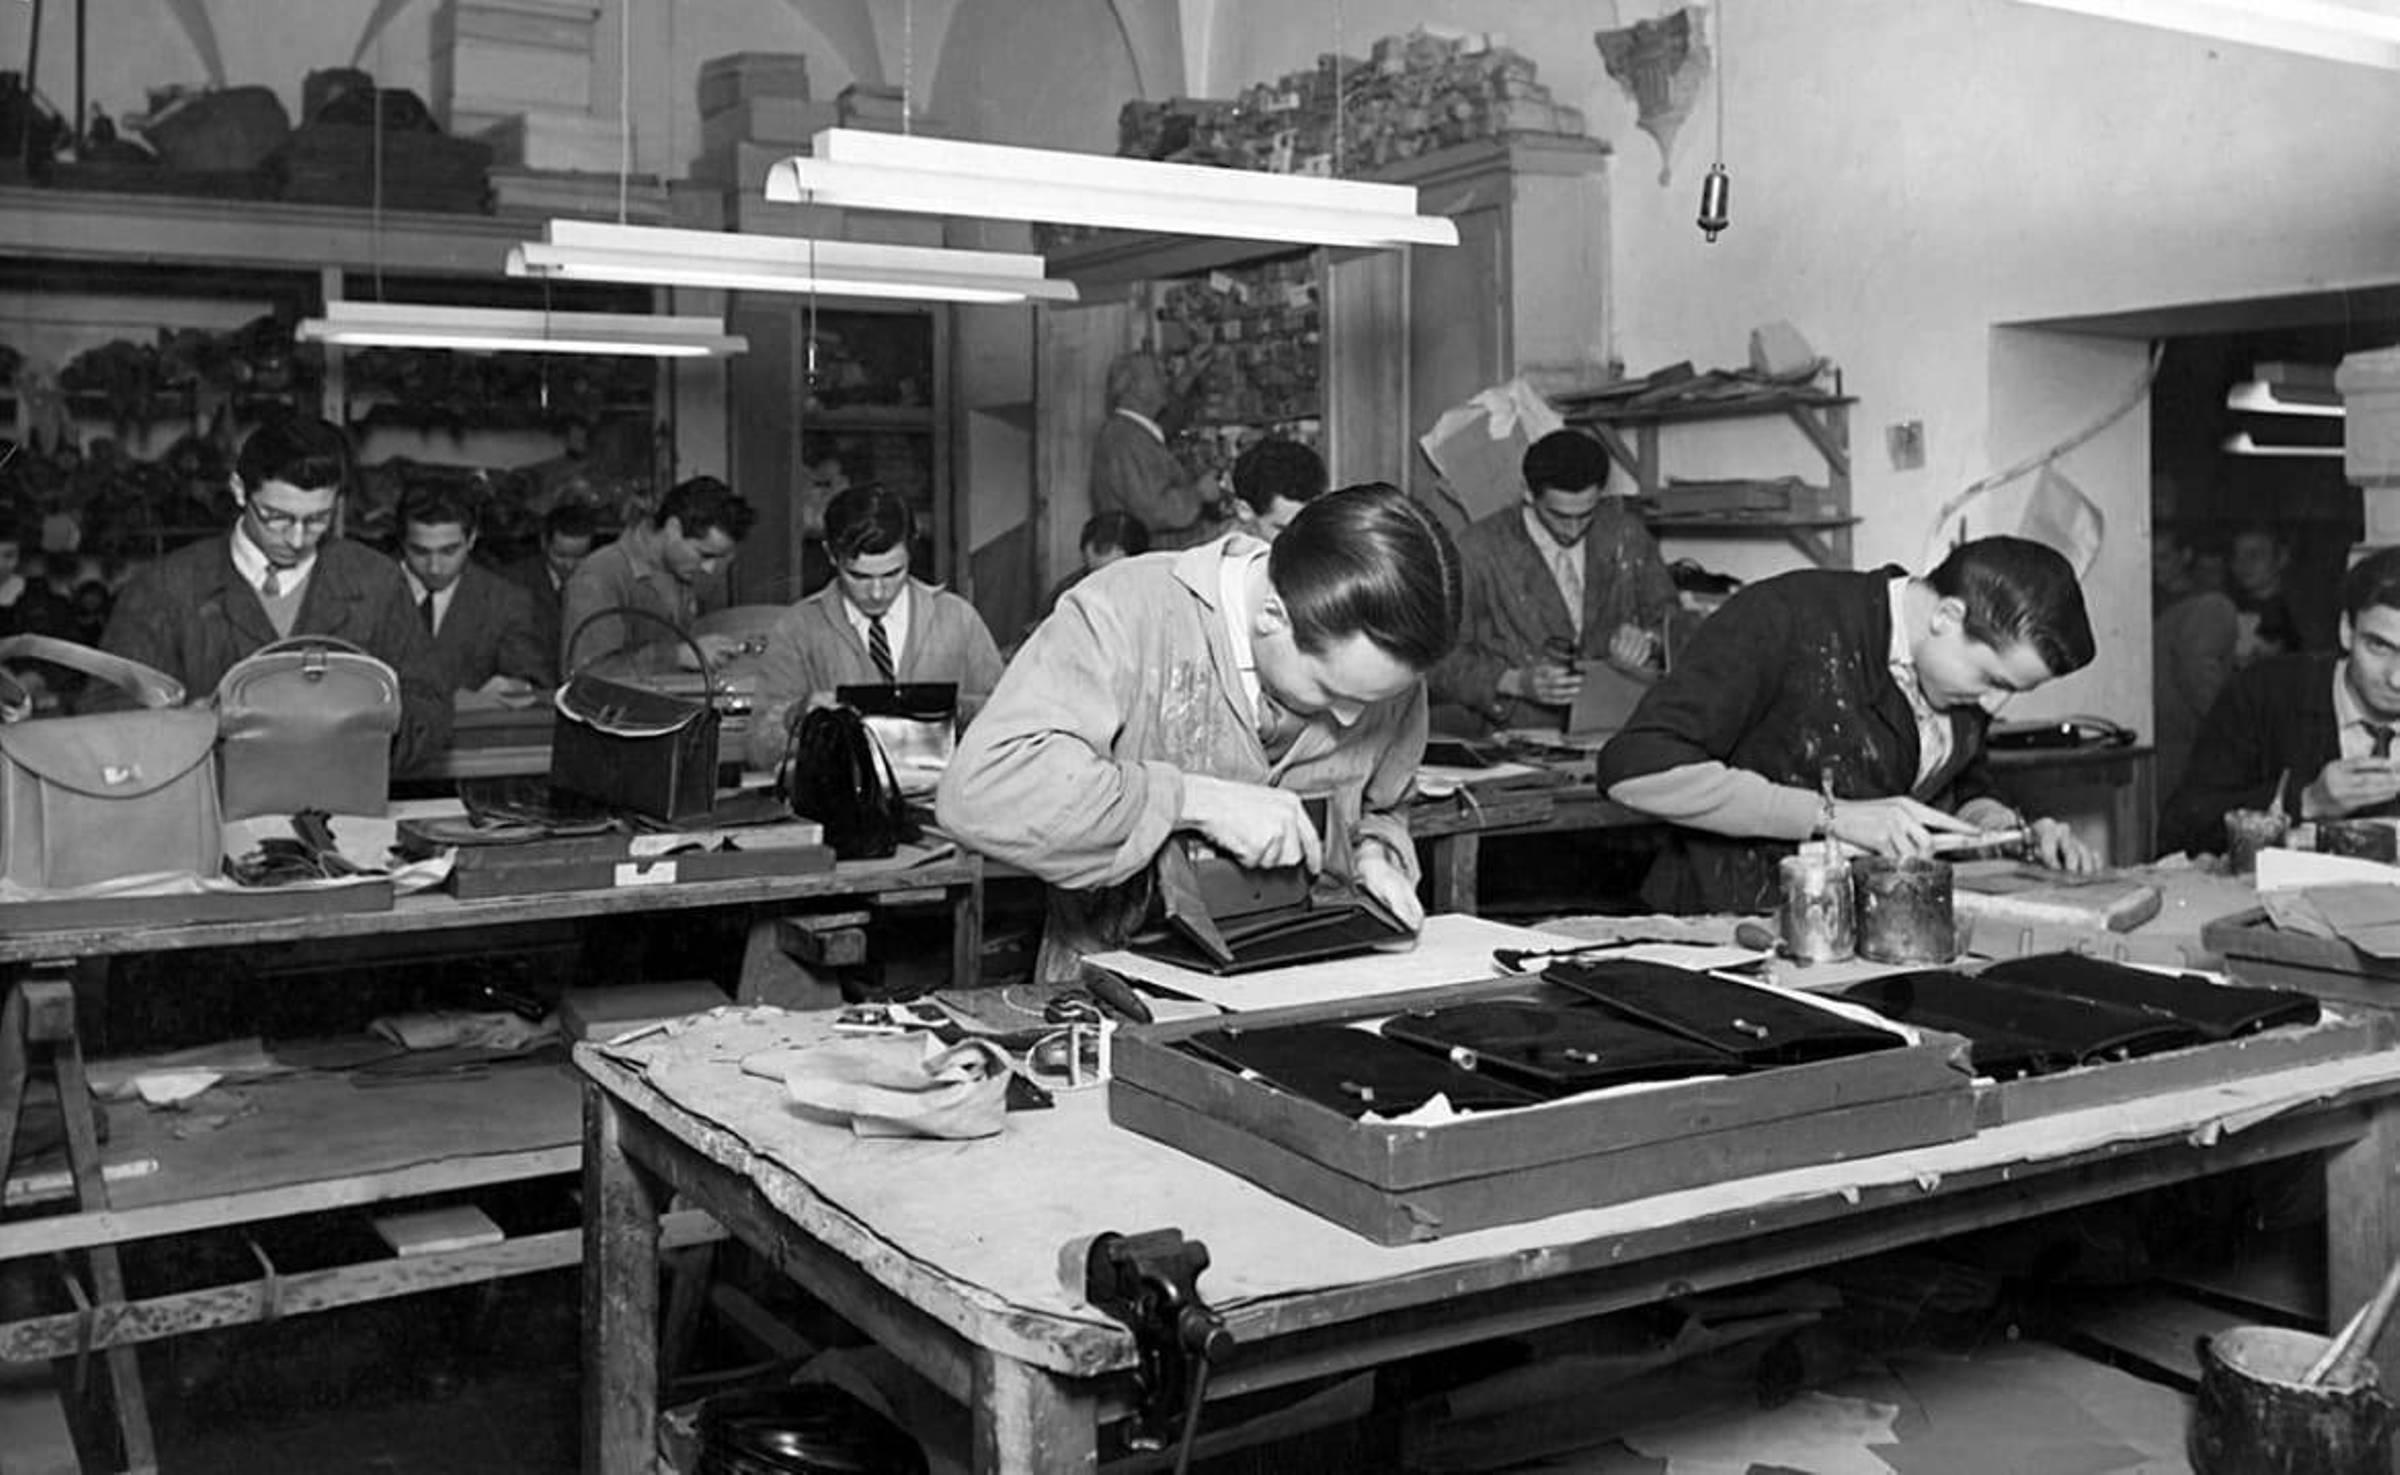 Первая мастерская Gucci, открытая Гуччио Гуччи во Флоренции (1920-е годы)